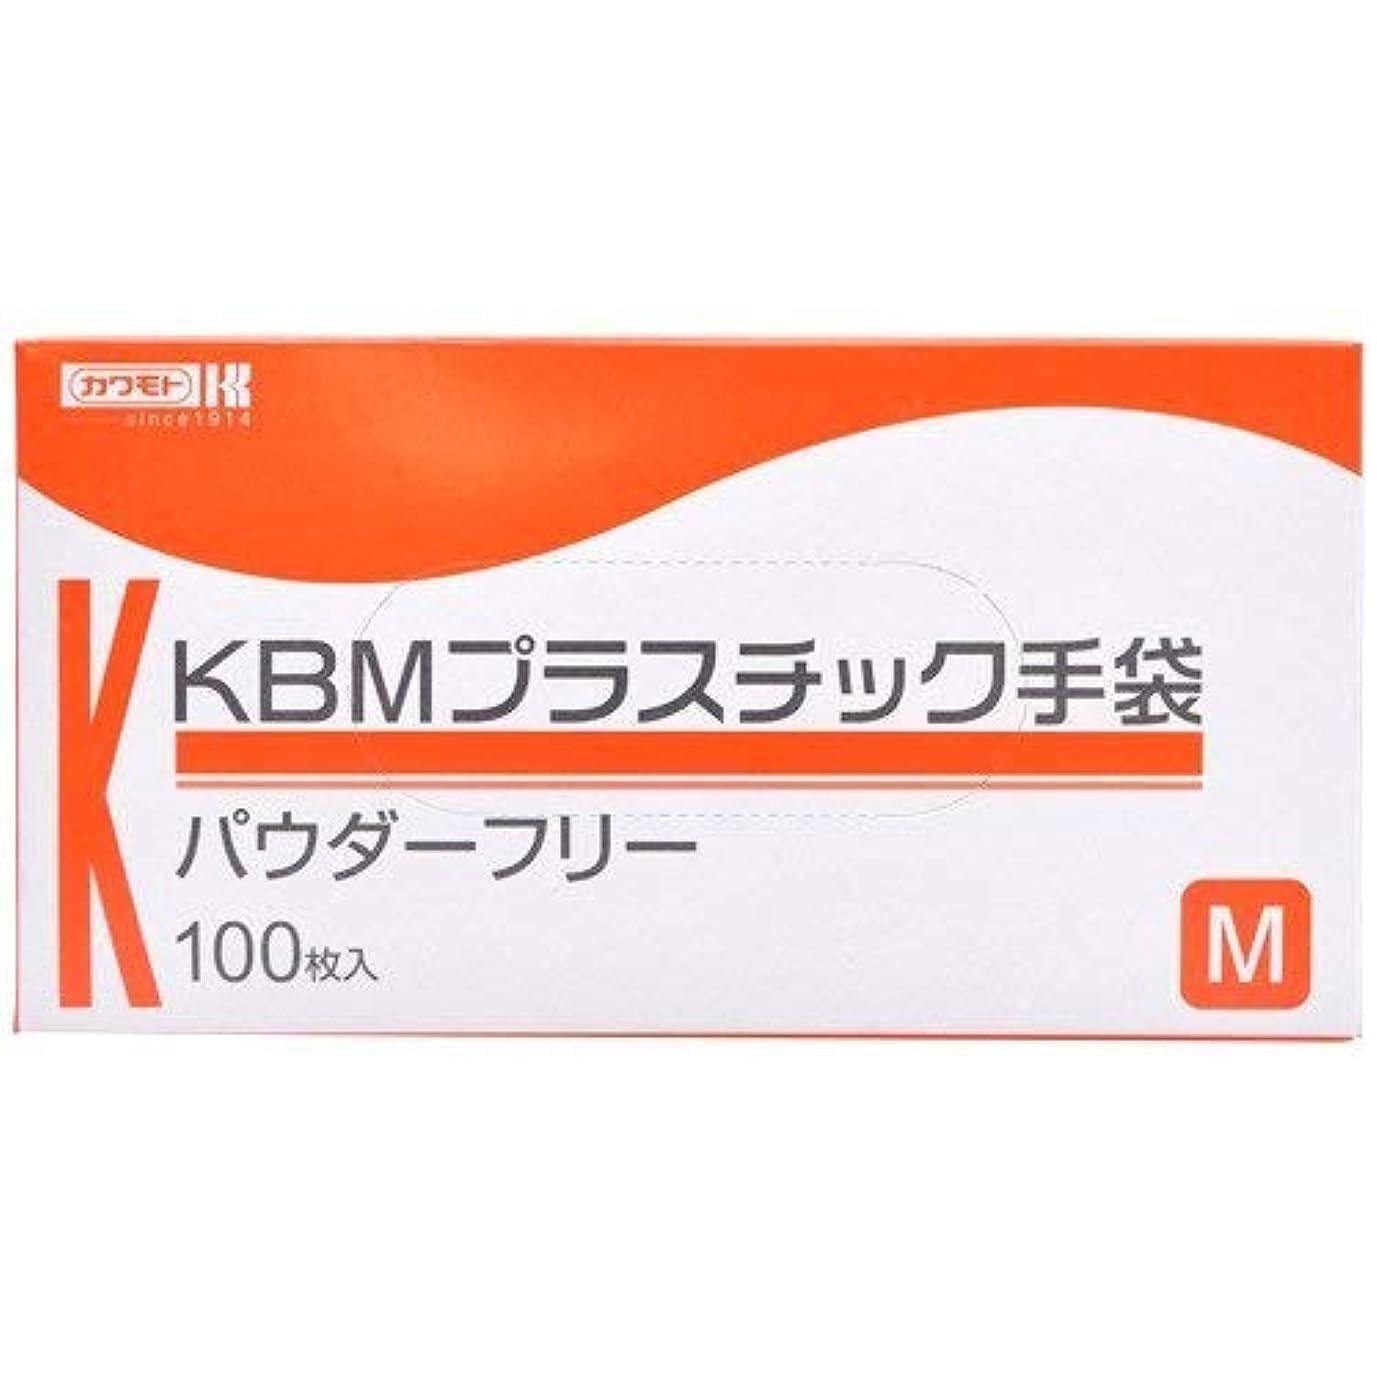 コーンウォール排除する巧みな川本産業 KBMプラスチック手袋 パウダーフリー M 100枚入 ×2個